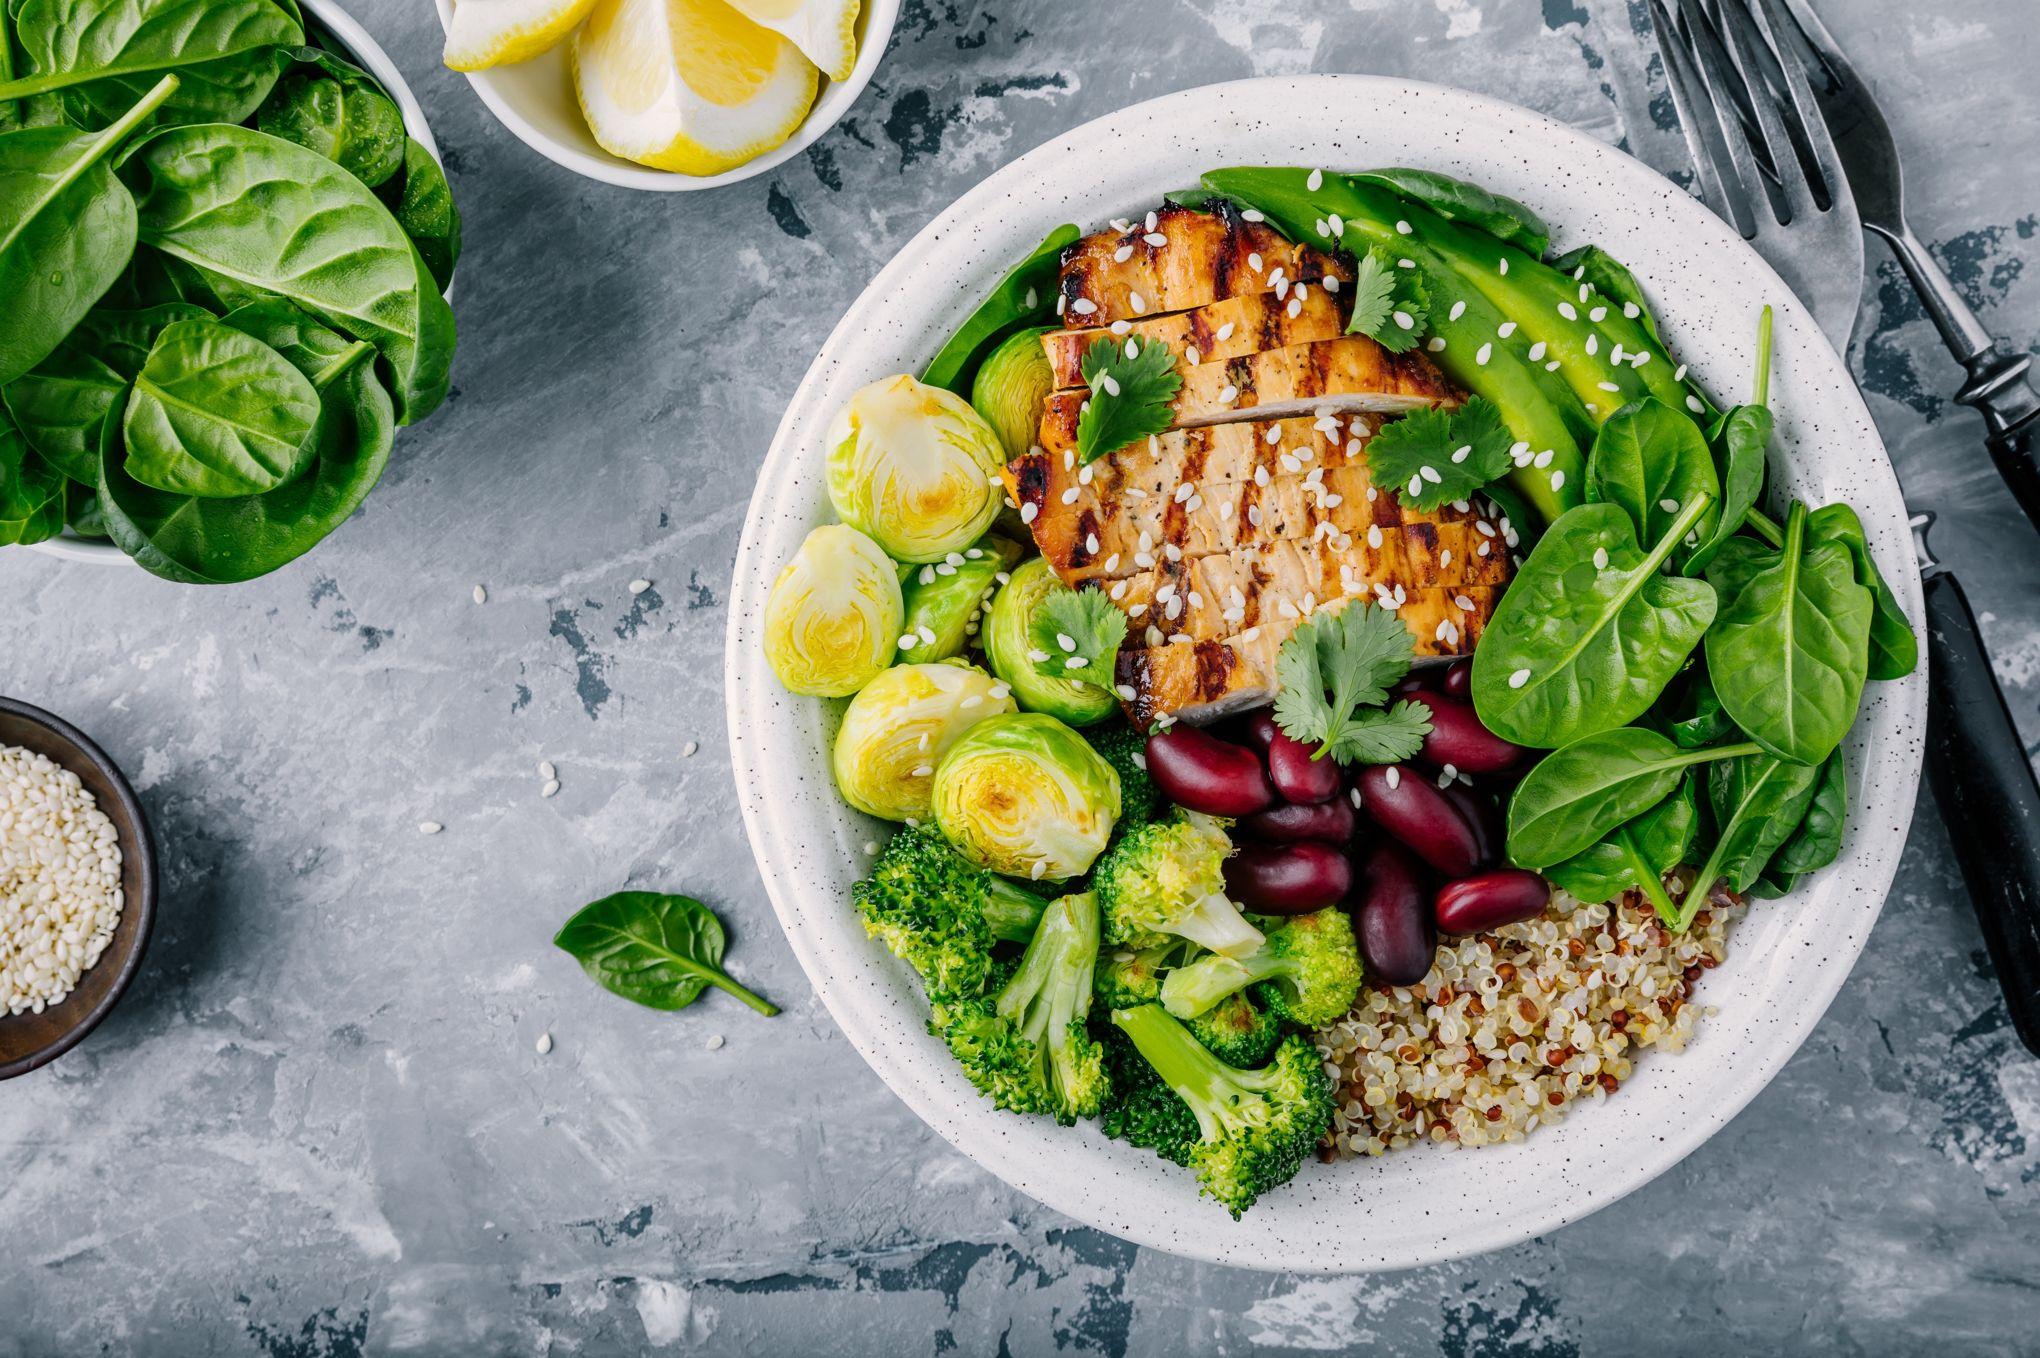 Nutrition: qu'est-ce qu'une alimentation «équilibrée» aujourd'hui?